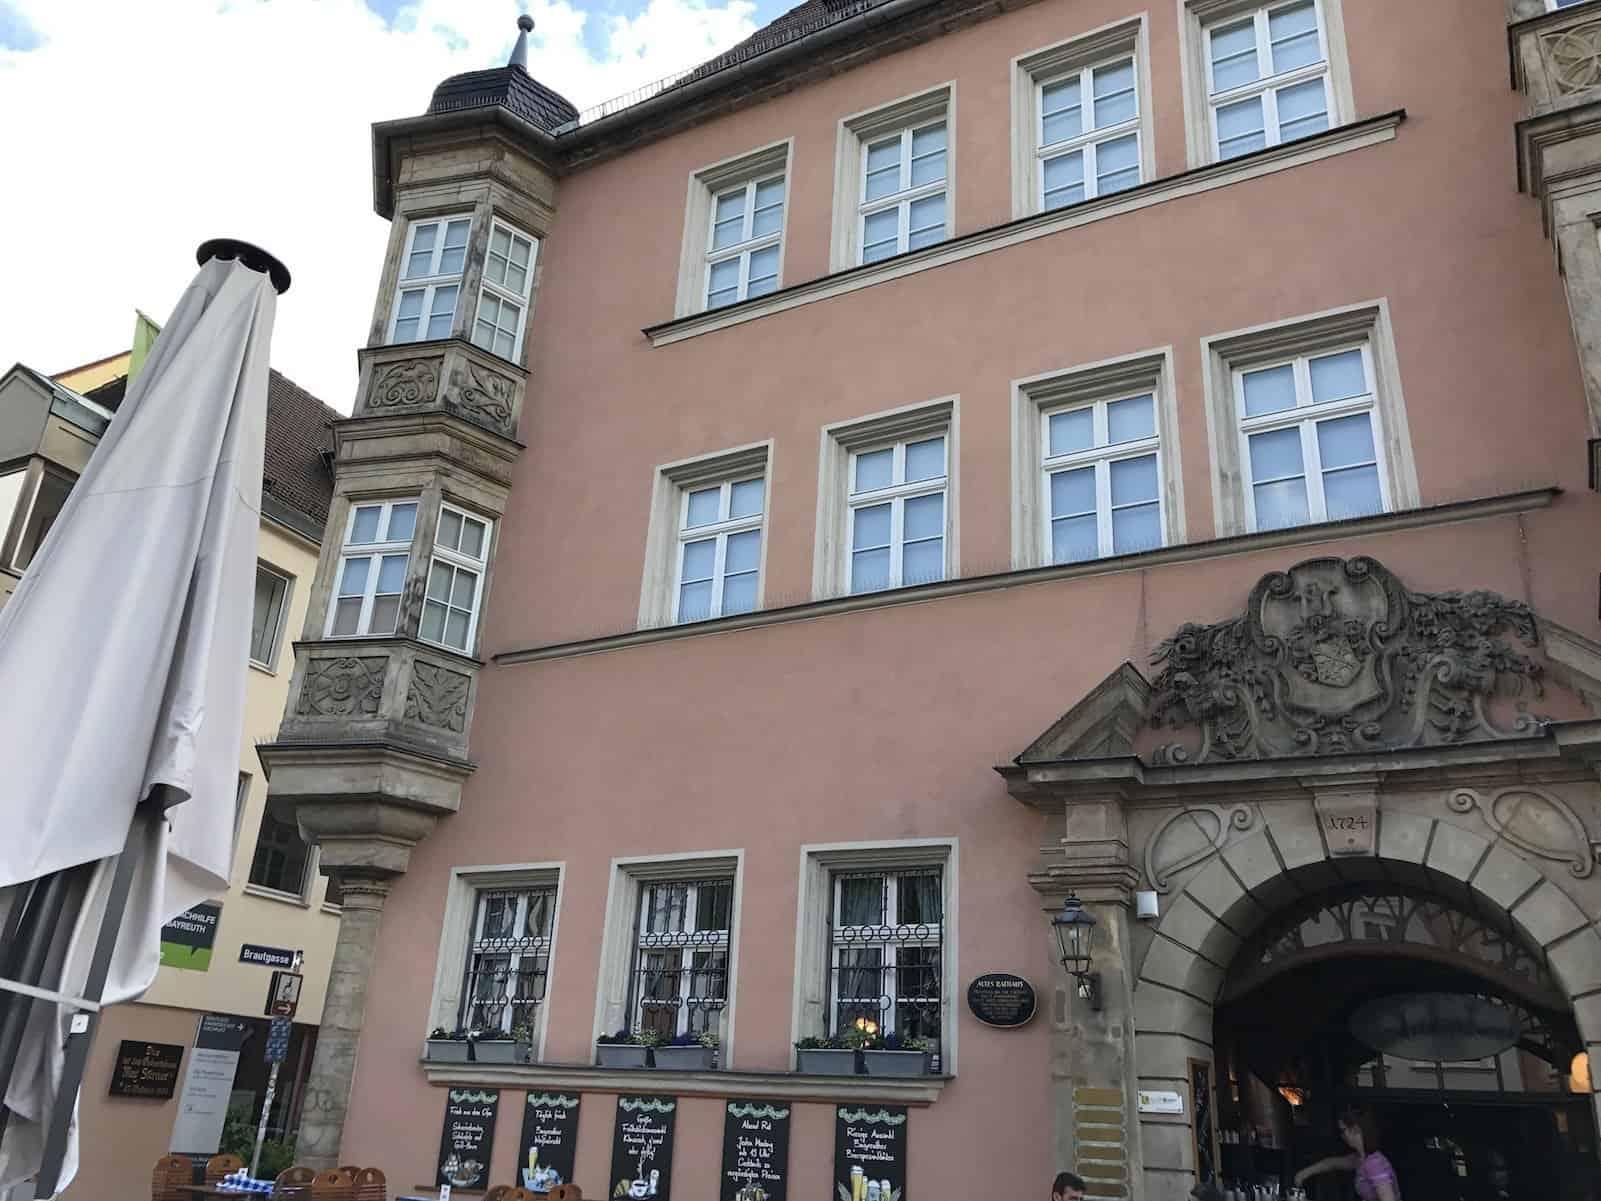 Restaurant Oskar im alten Rathaus von Bayreuth